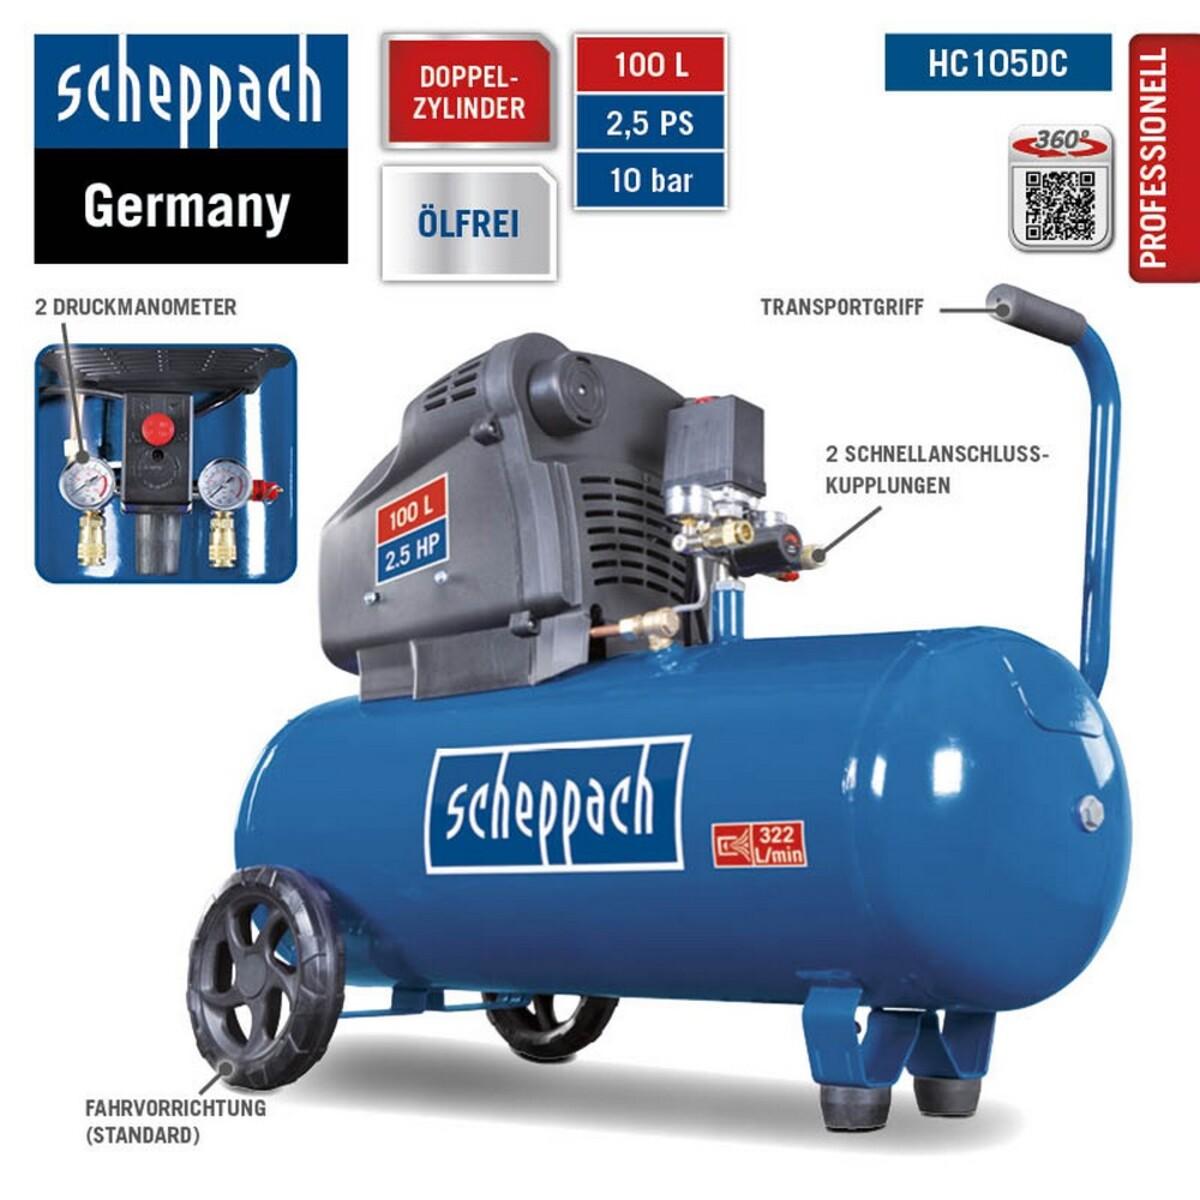 Bild 3 von Scheppach Doppelzylinder Kompressor ölfrei HC105DC